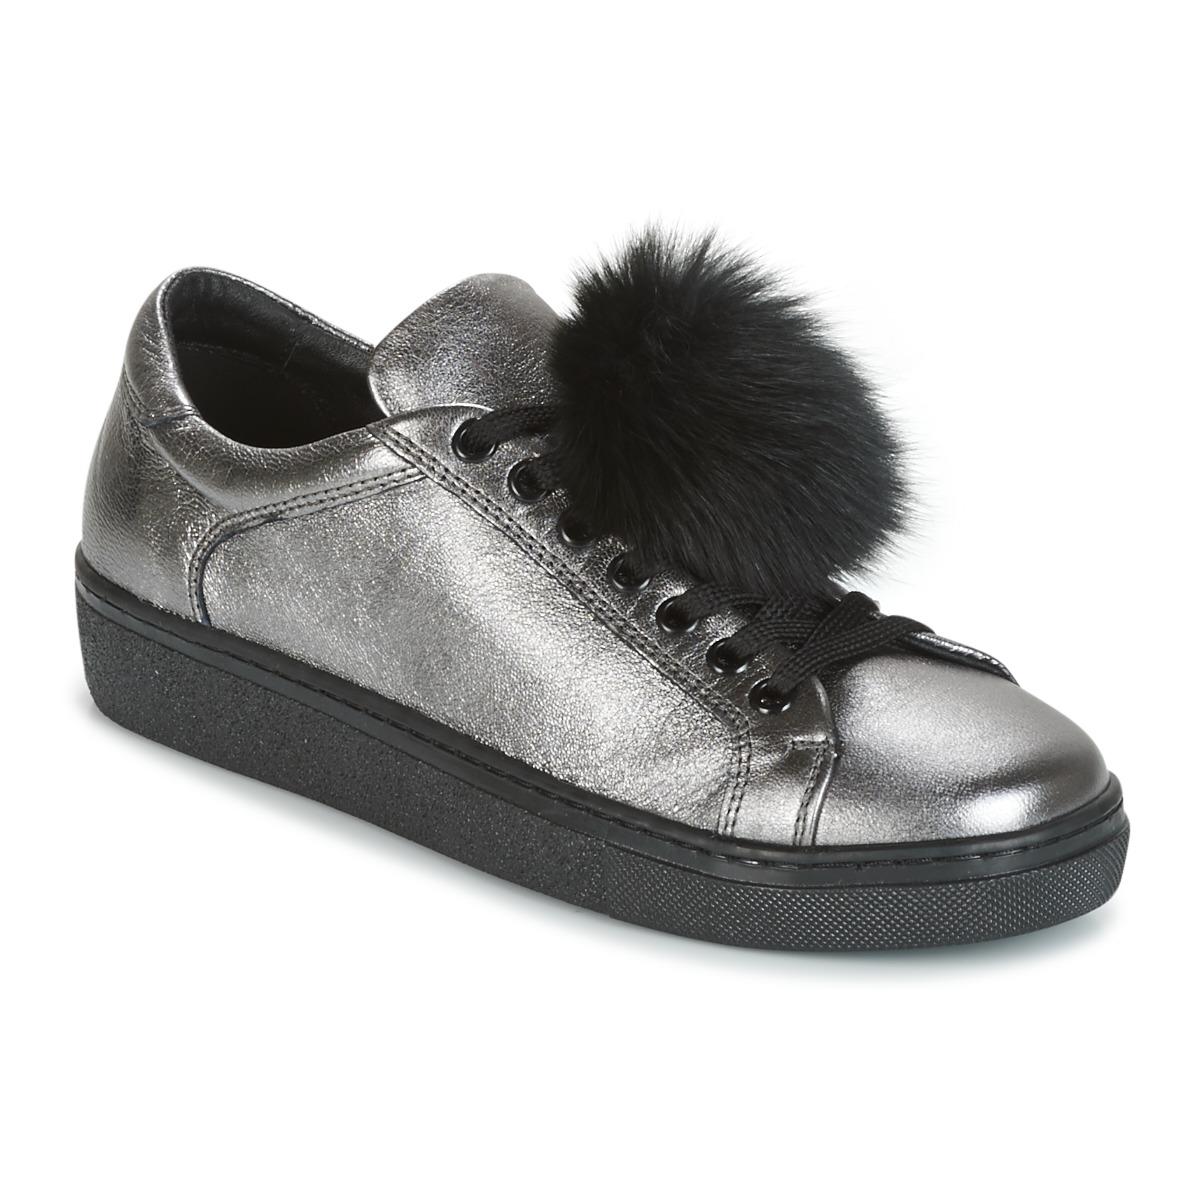 Tosca Blu CERVINIA POM PON Silbern - Kostenloser Versand bei Spartoode ! - Schuhe Sneaker Low Damen 89,40 €